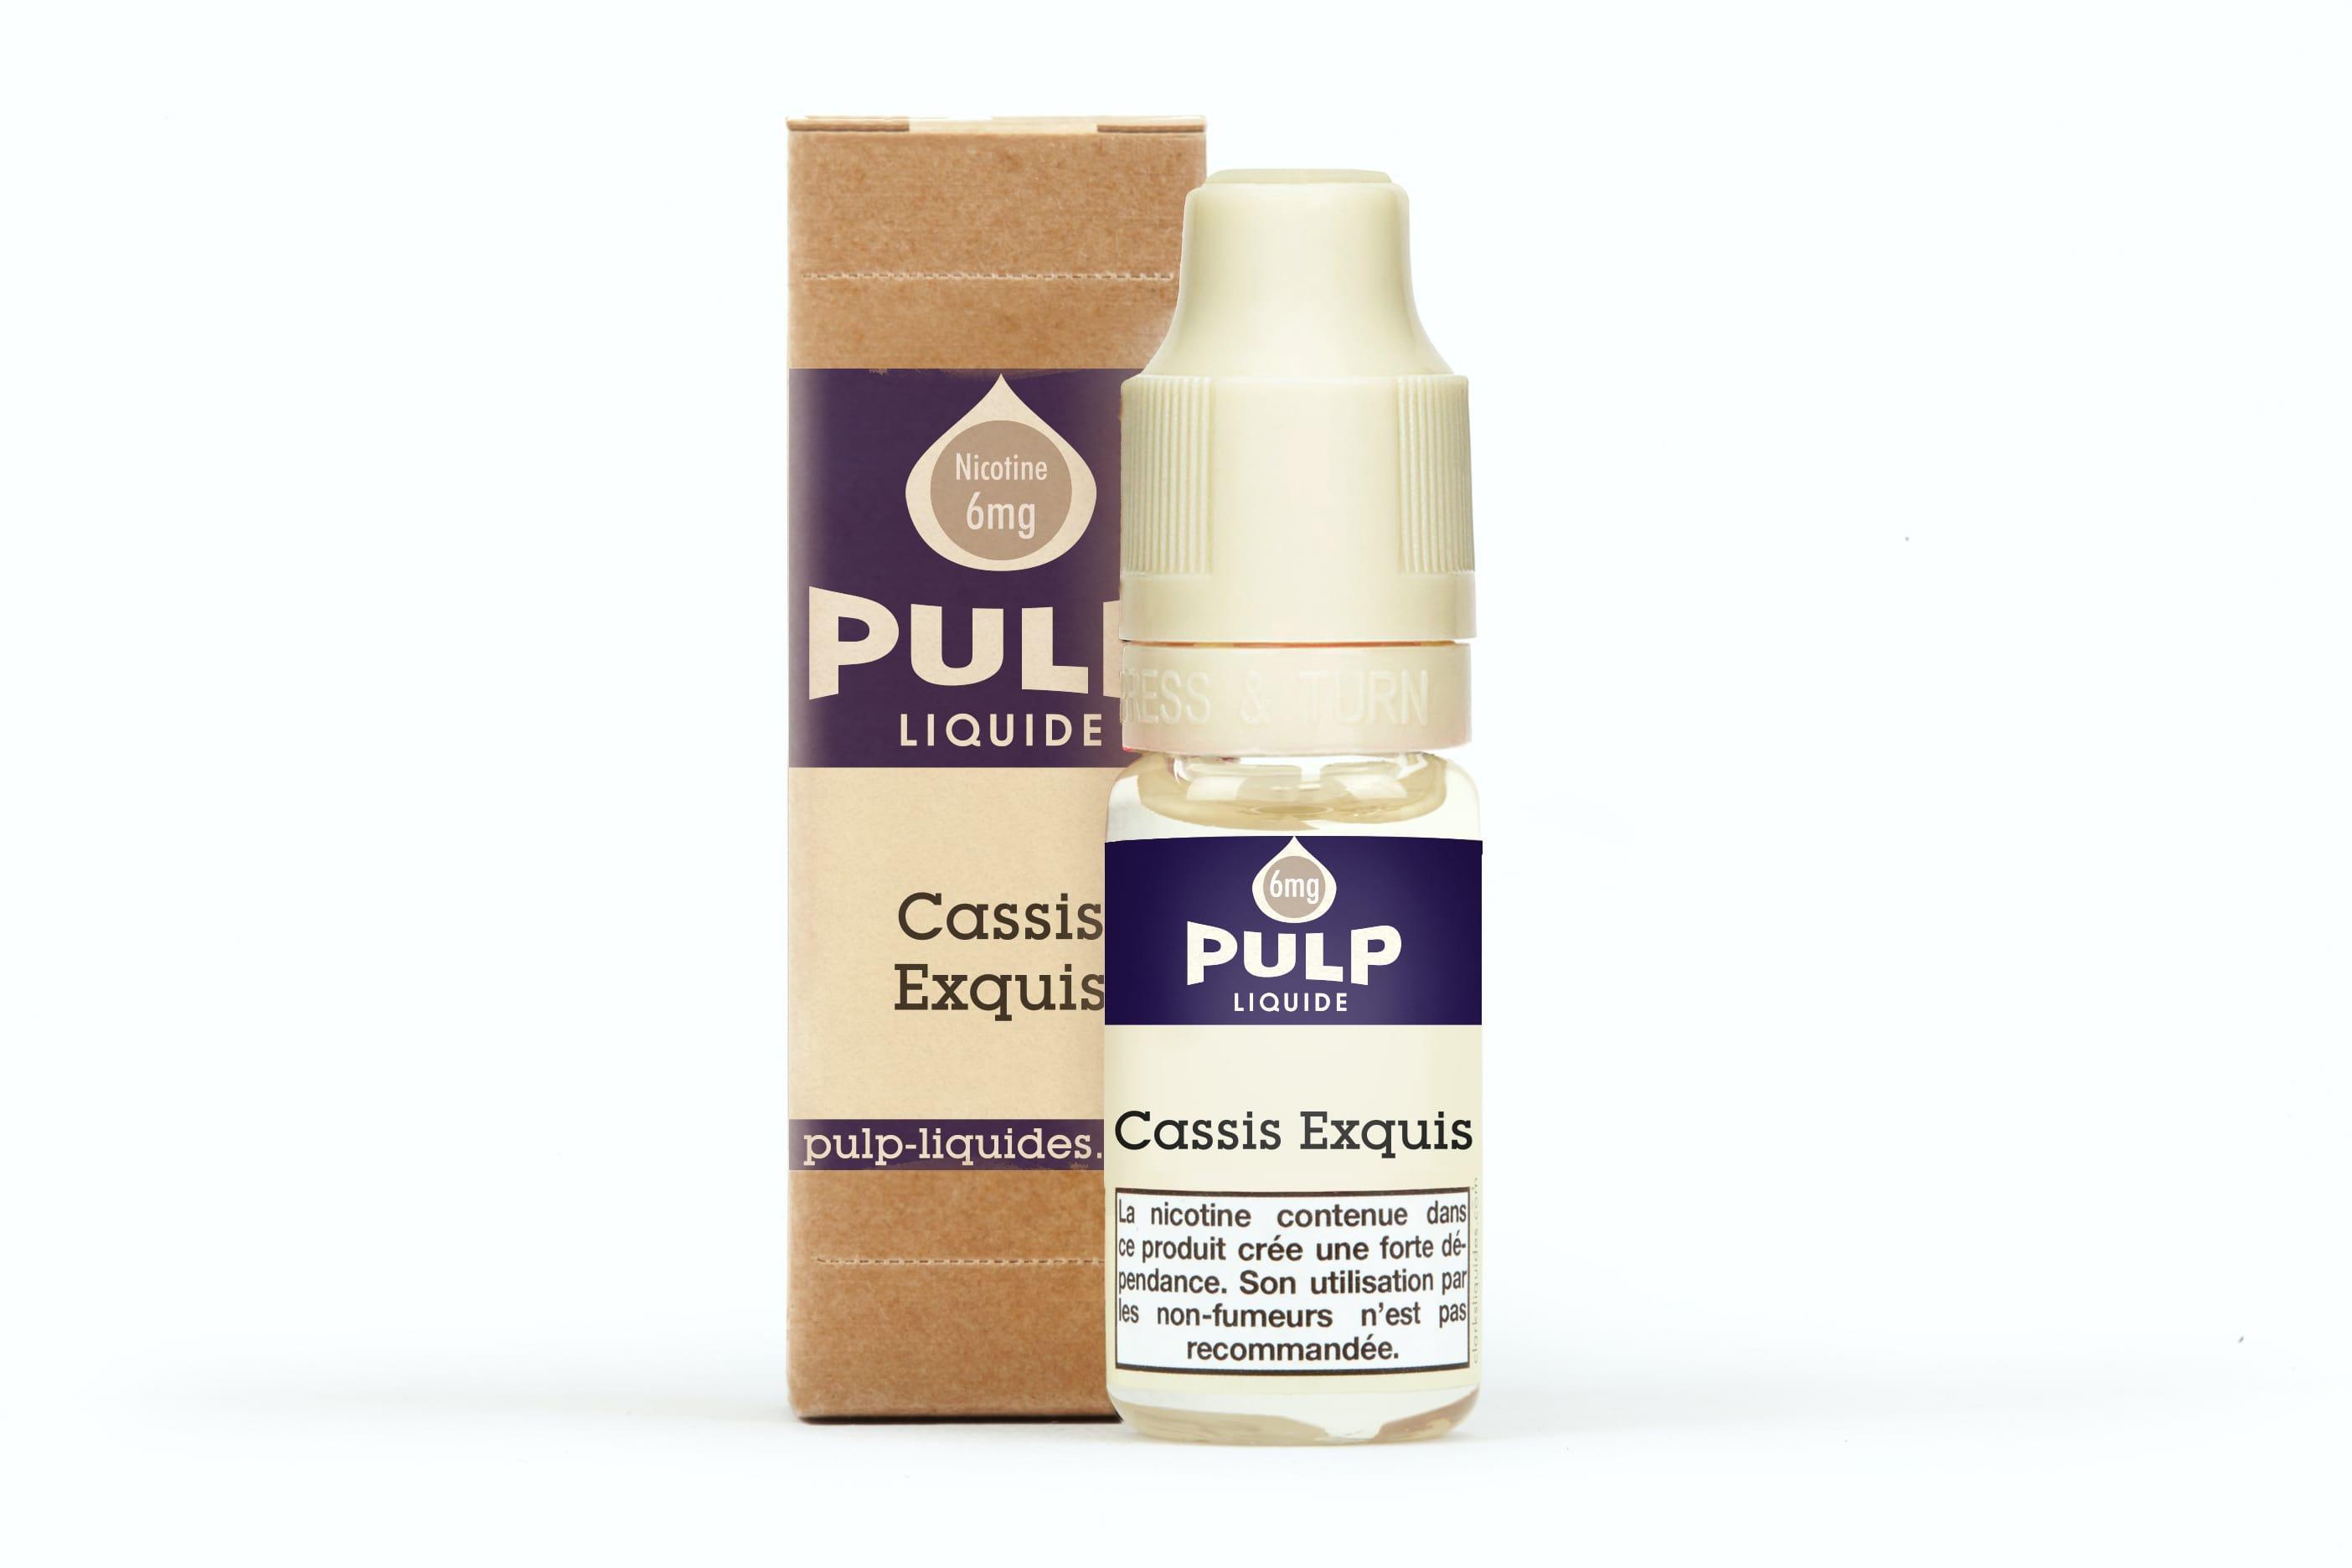 Le Cassis Exquis Pulp